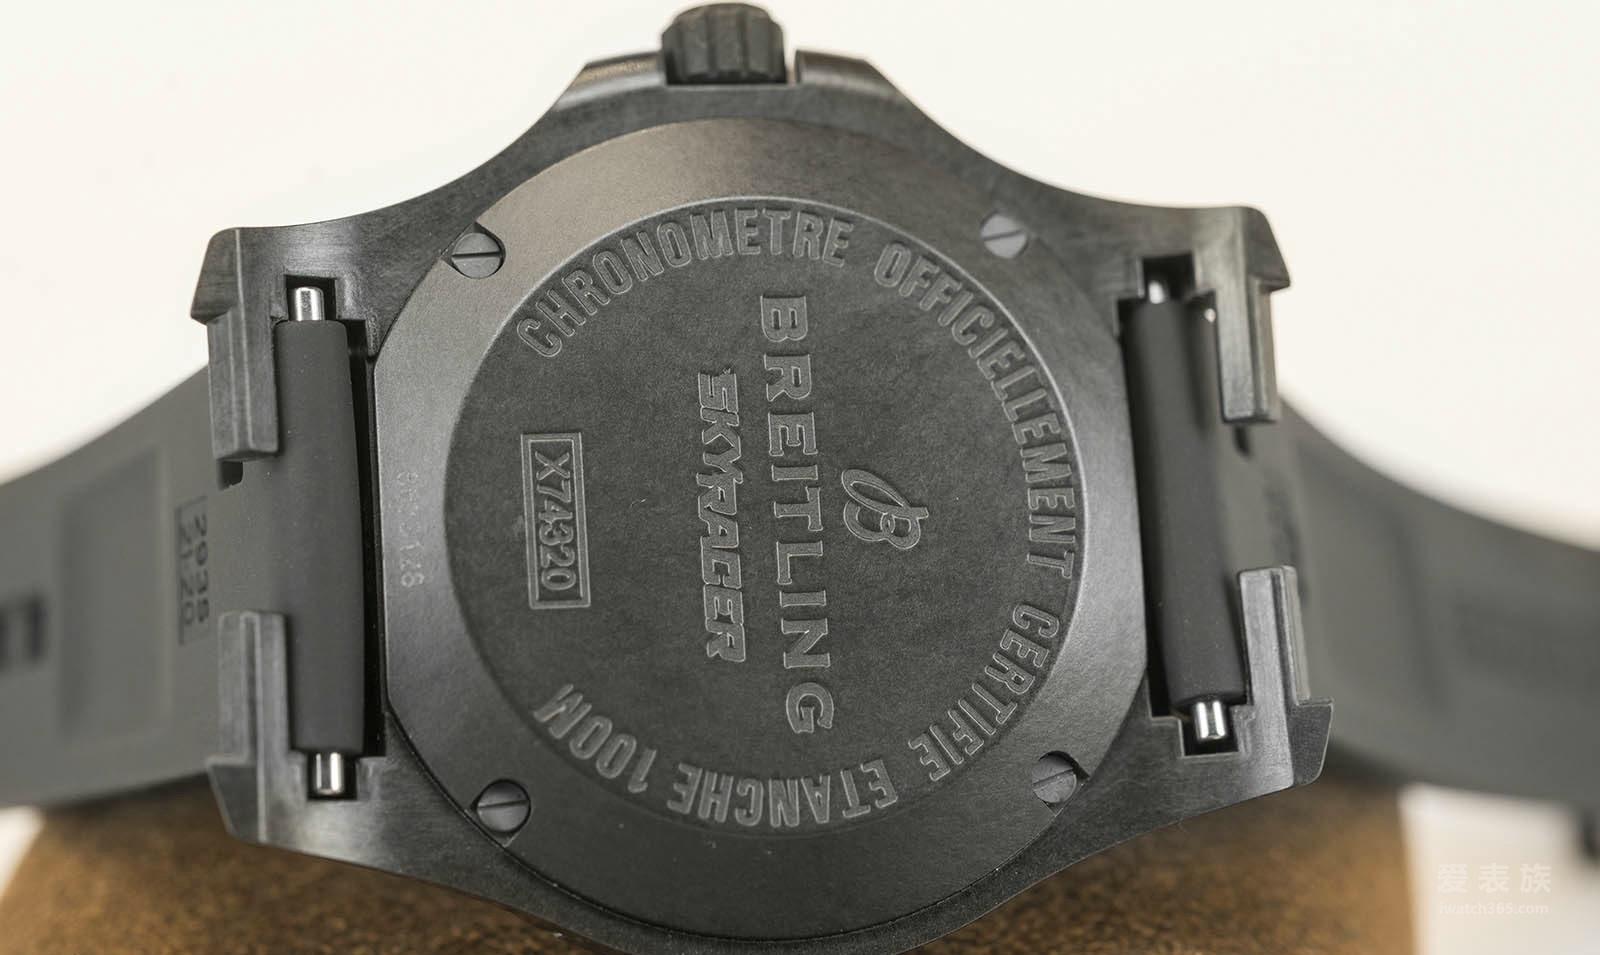 价格诱人的新生代百年灵——百年灵挑战者系列Colt Skyracer天竞腕表